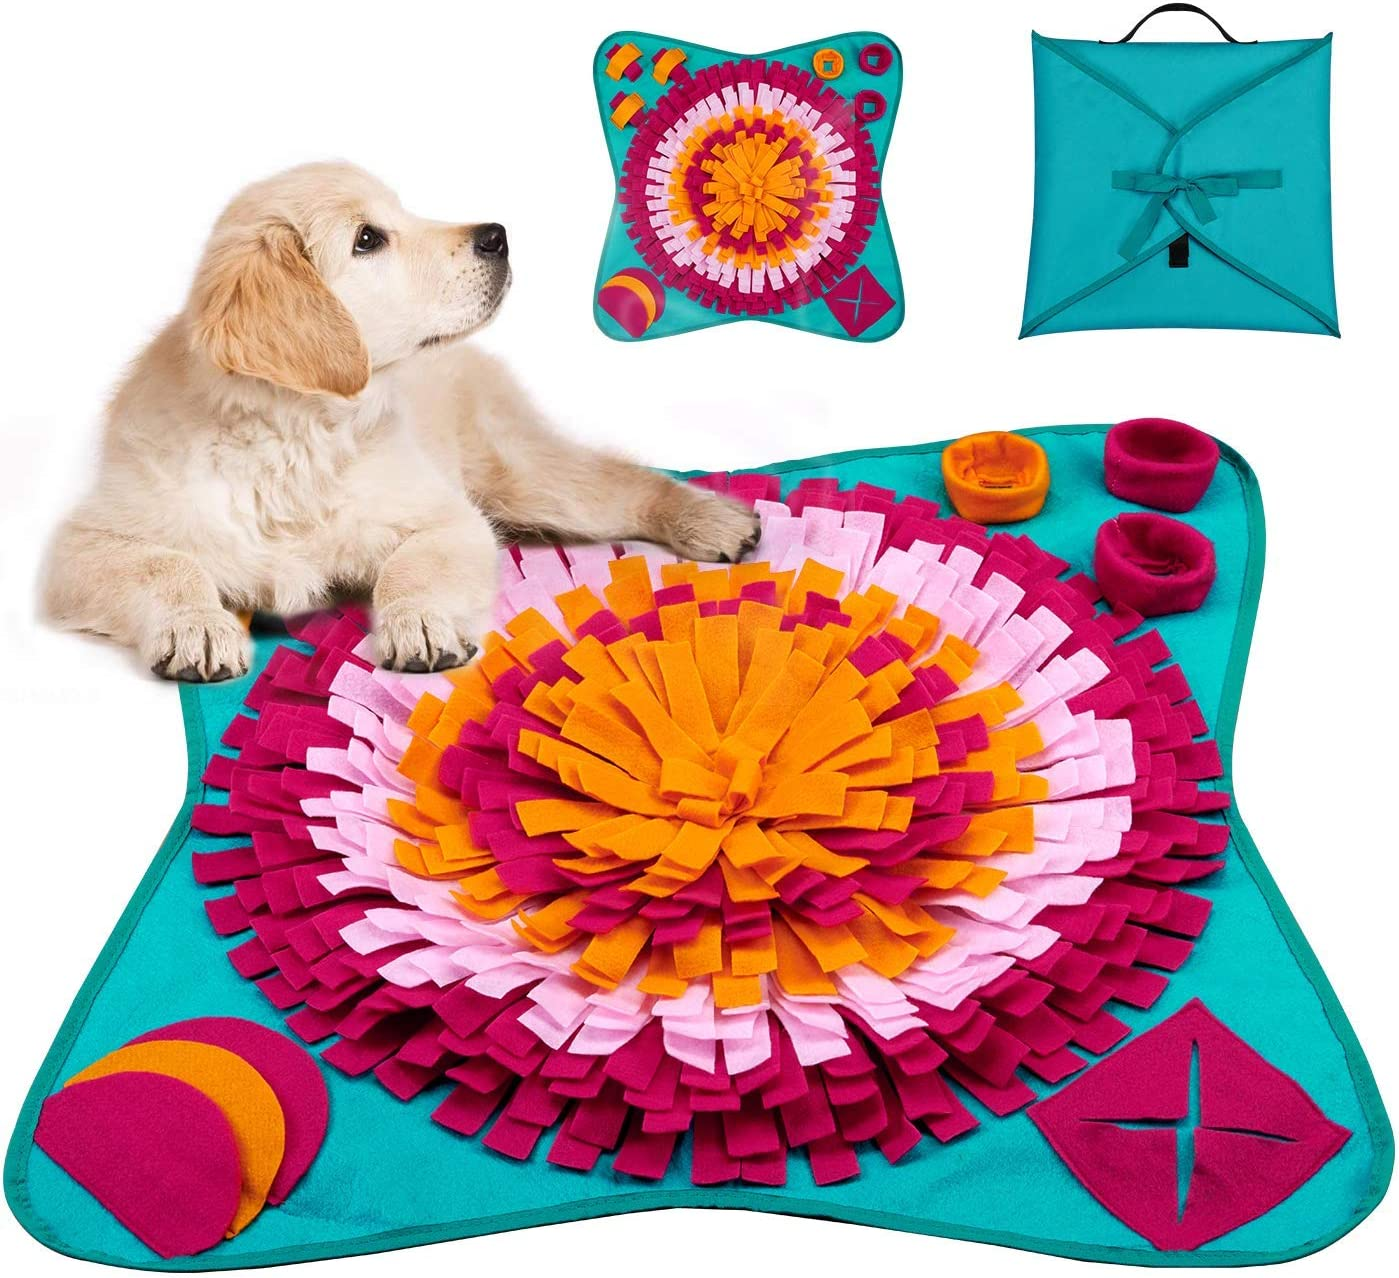 LIVACASA Alfombra Olfato Grande Perro Mascotas, Snuffle Mat, Juguete de Inteligencia para Perros, Lavables a Máquina, Plegable Aviliable, Entrenamiento para Mascotas Pequeños y Grandes Multi Color